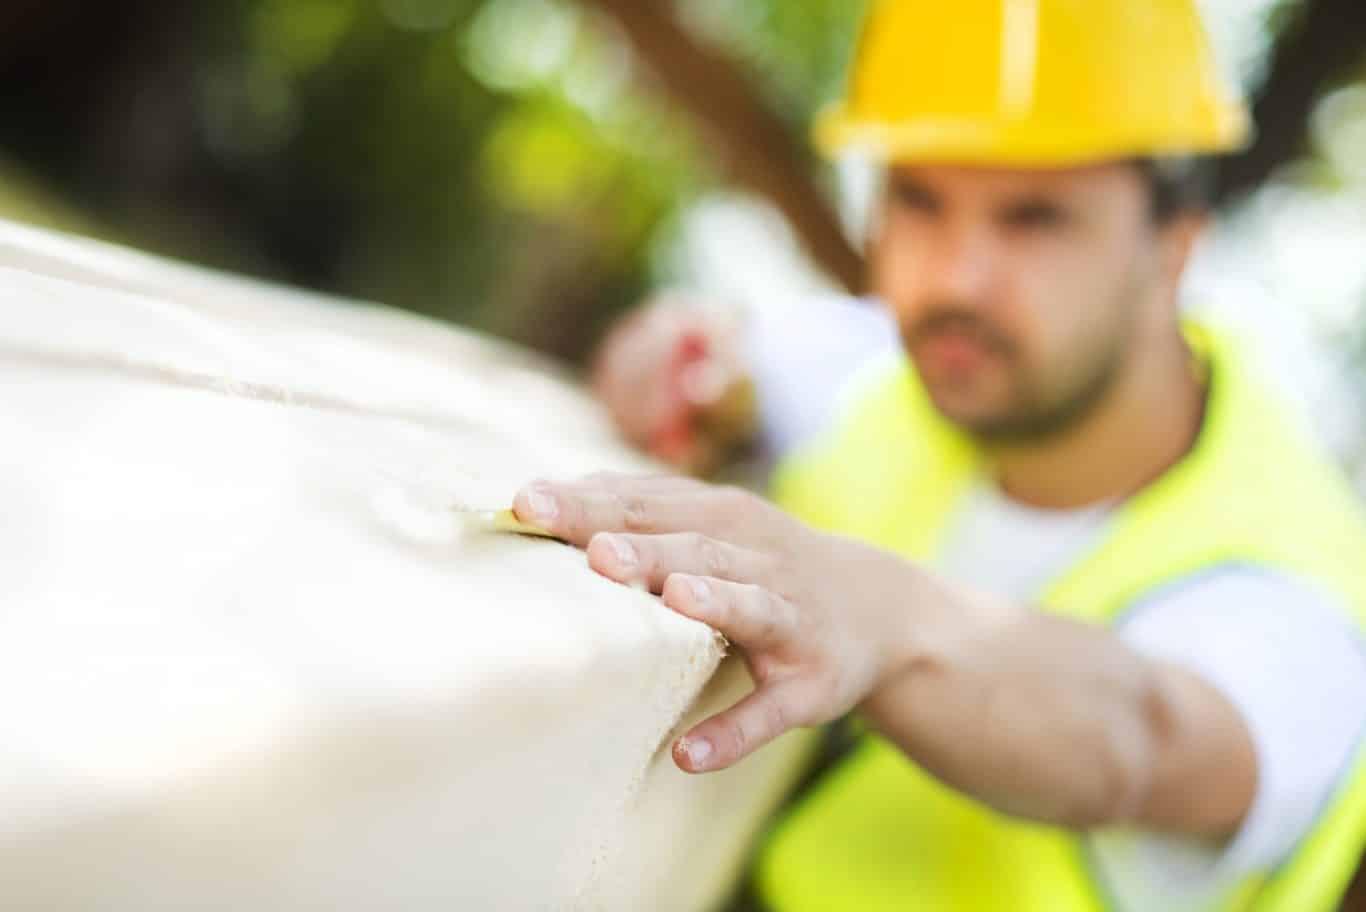 Construtora não pode cobrar saldo devedor de contrato sem levantar hipoteca de imóvel